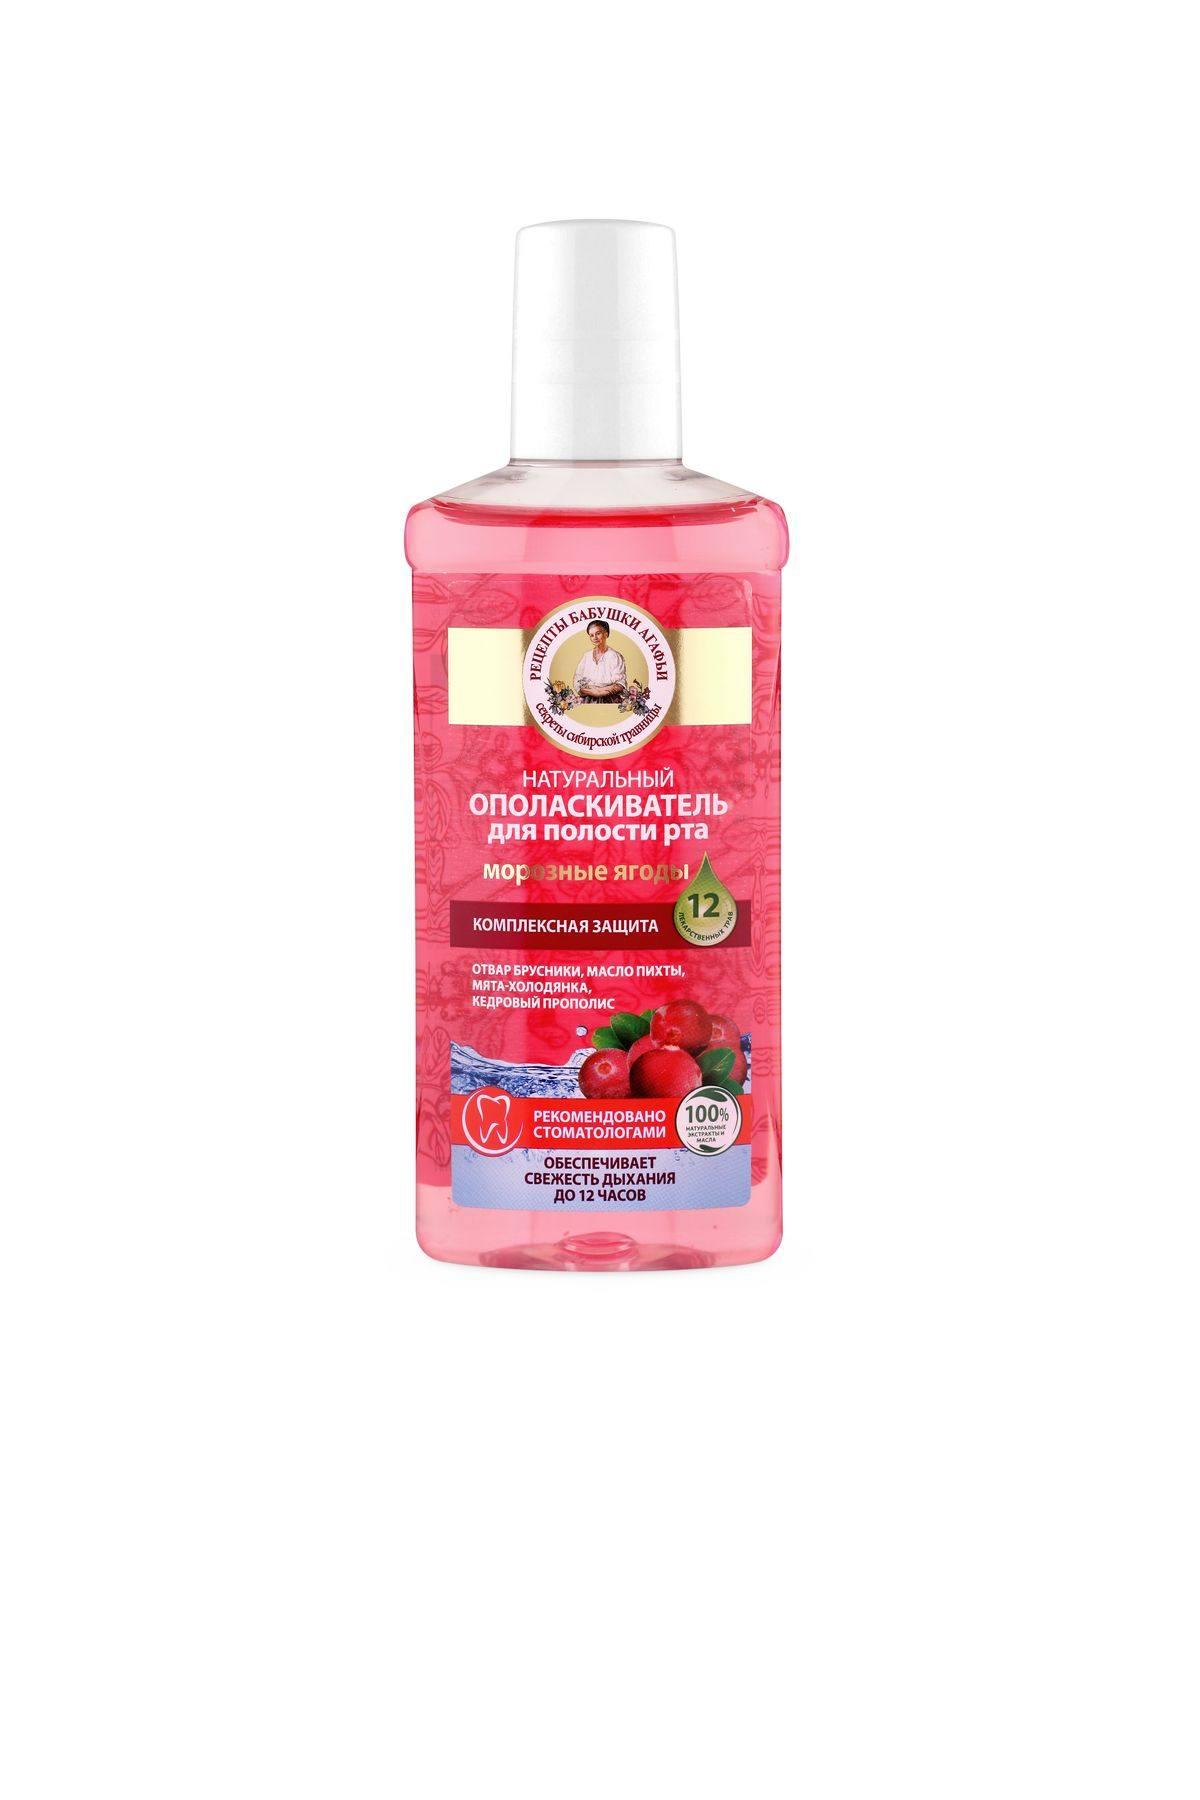 Купить Рецепты бабушки Агафьи Ополаскиватель 100% натуральный для полости рта «морозные ягоды» комплексная защита, 250 мл, РЕЦЕПТЫ БАБУШКИ АГАФЬИ (shop: Organic-shops Organic shops)